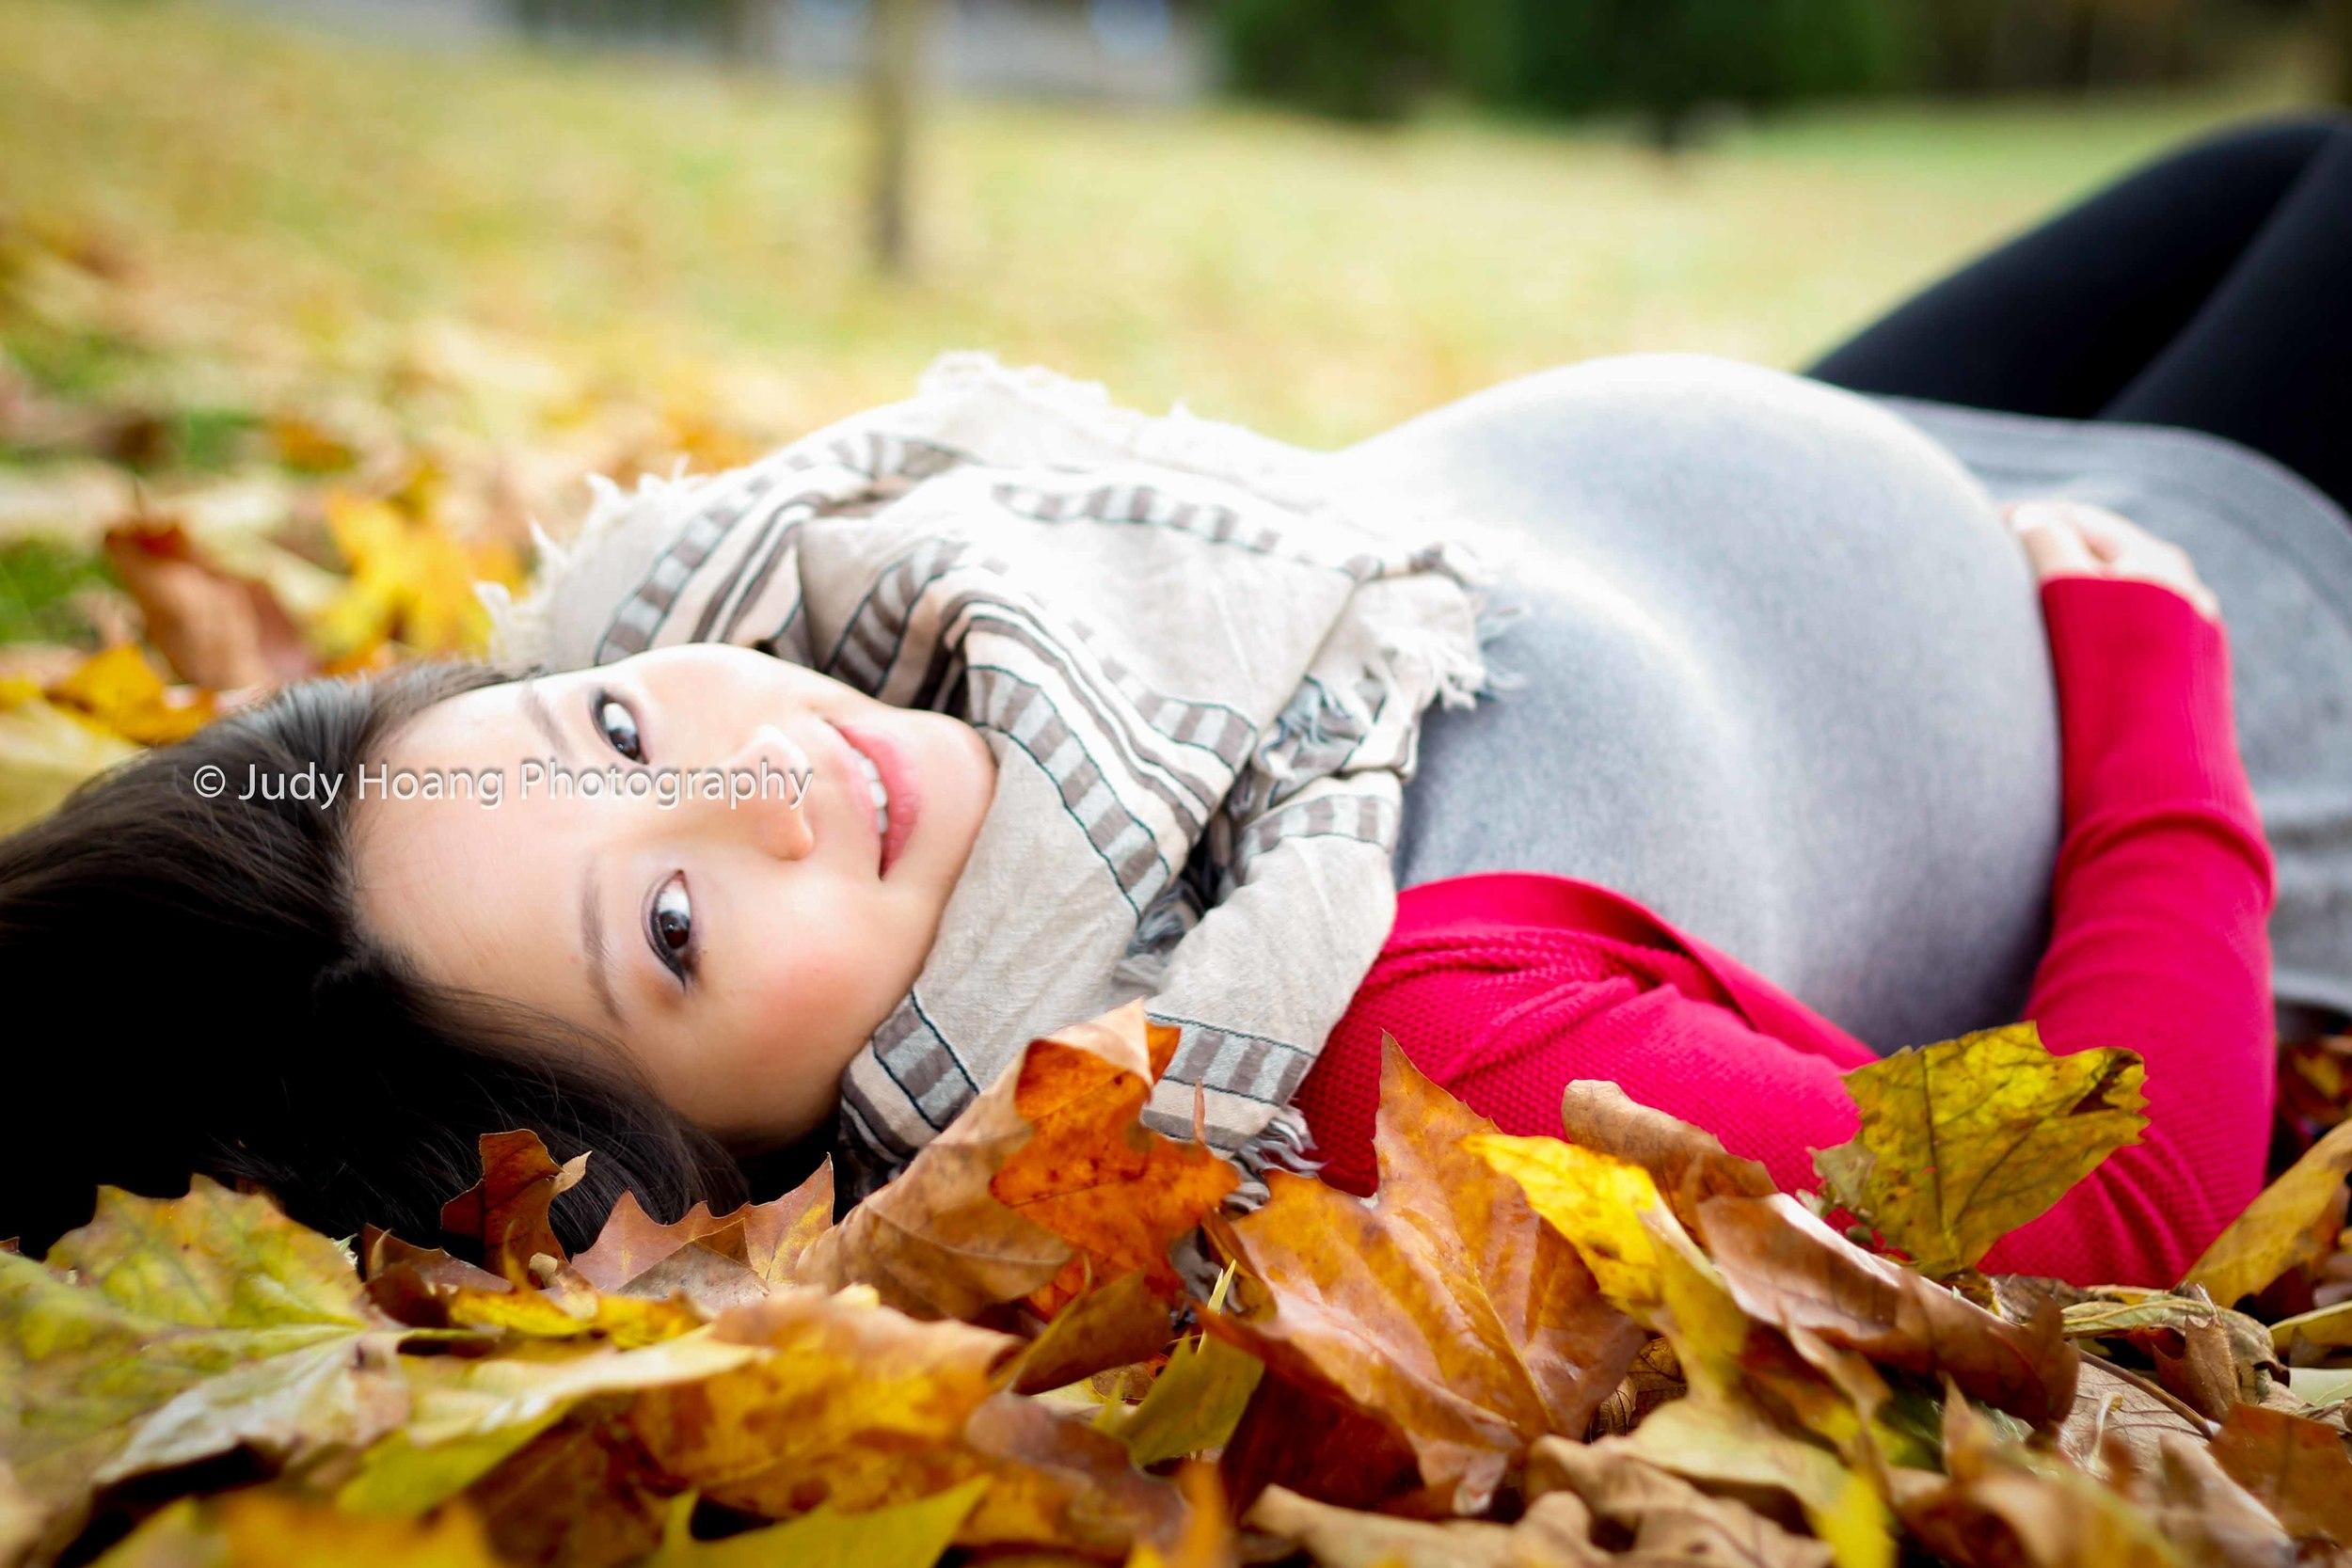 Judy Hoang Photography-7643.jpg